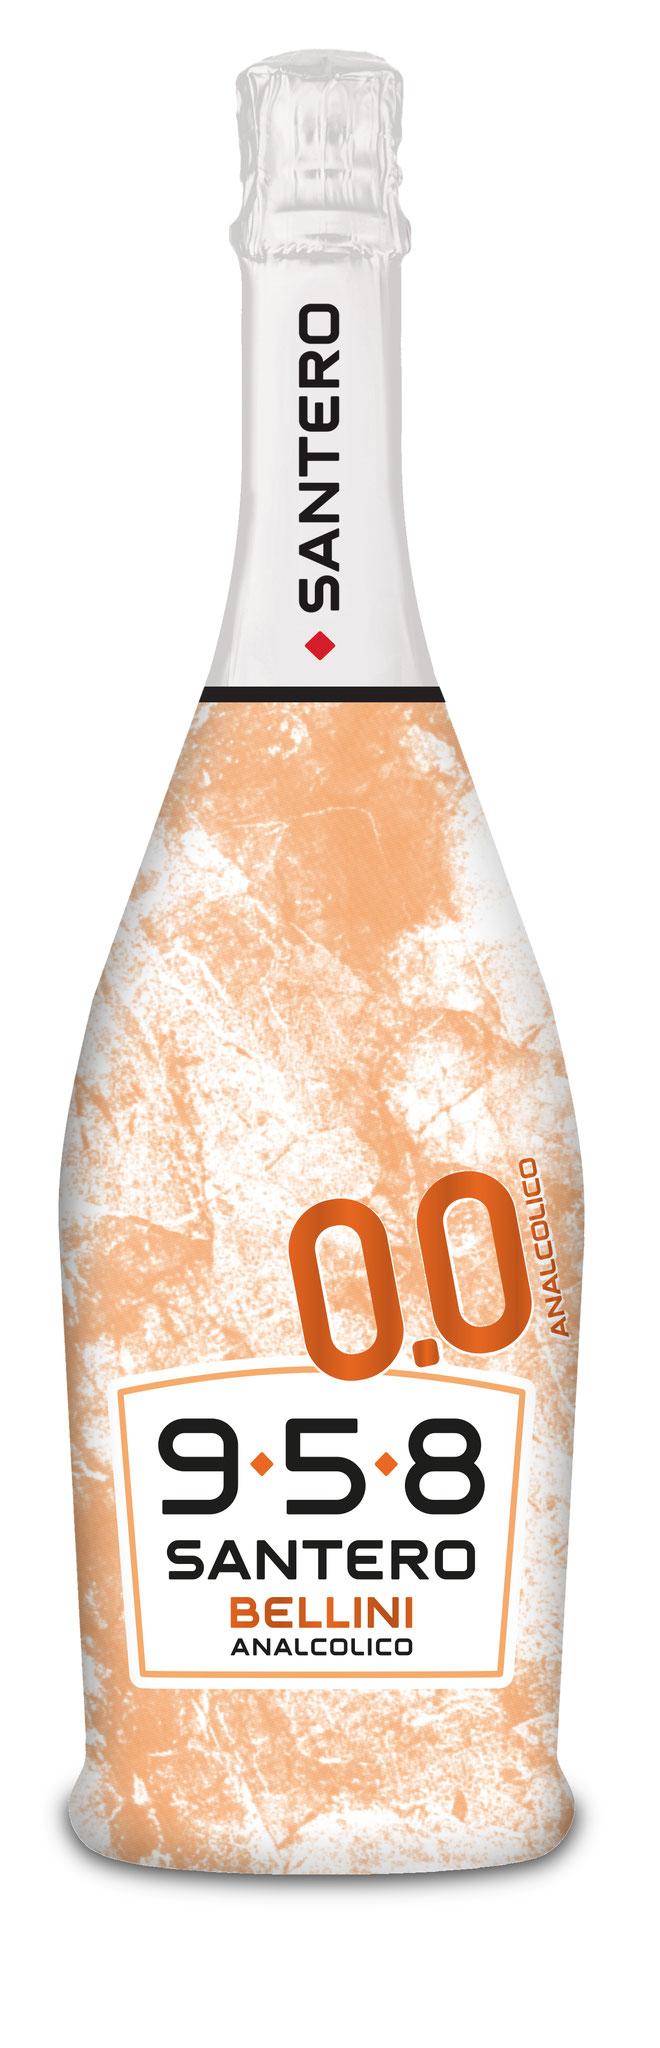 Santero 958 – le vin mousseux Bellini inégalé aussi sans alcool!